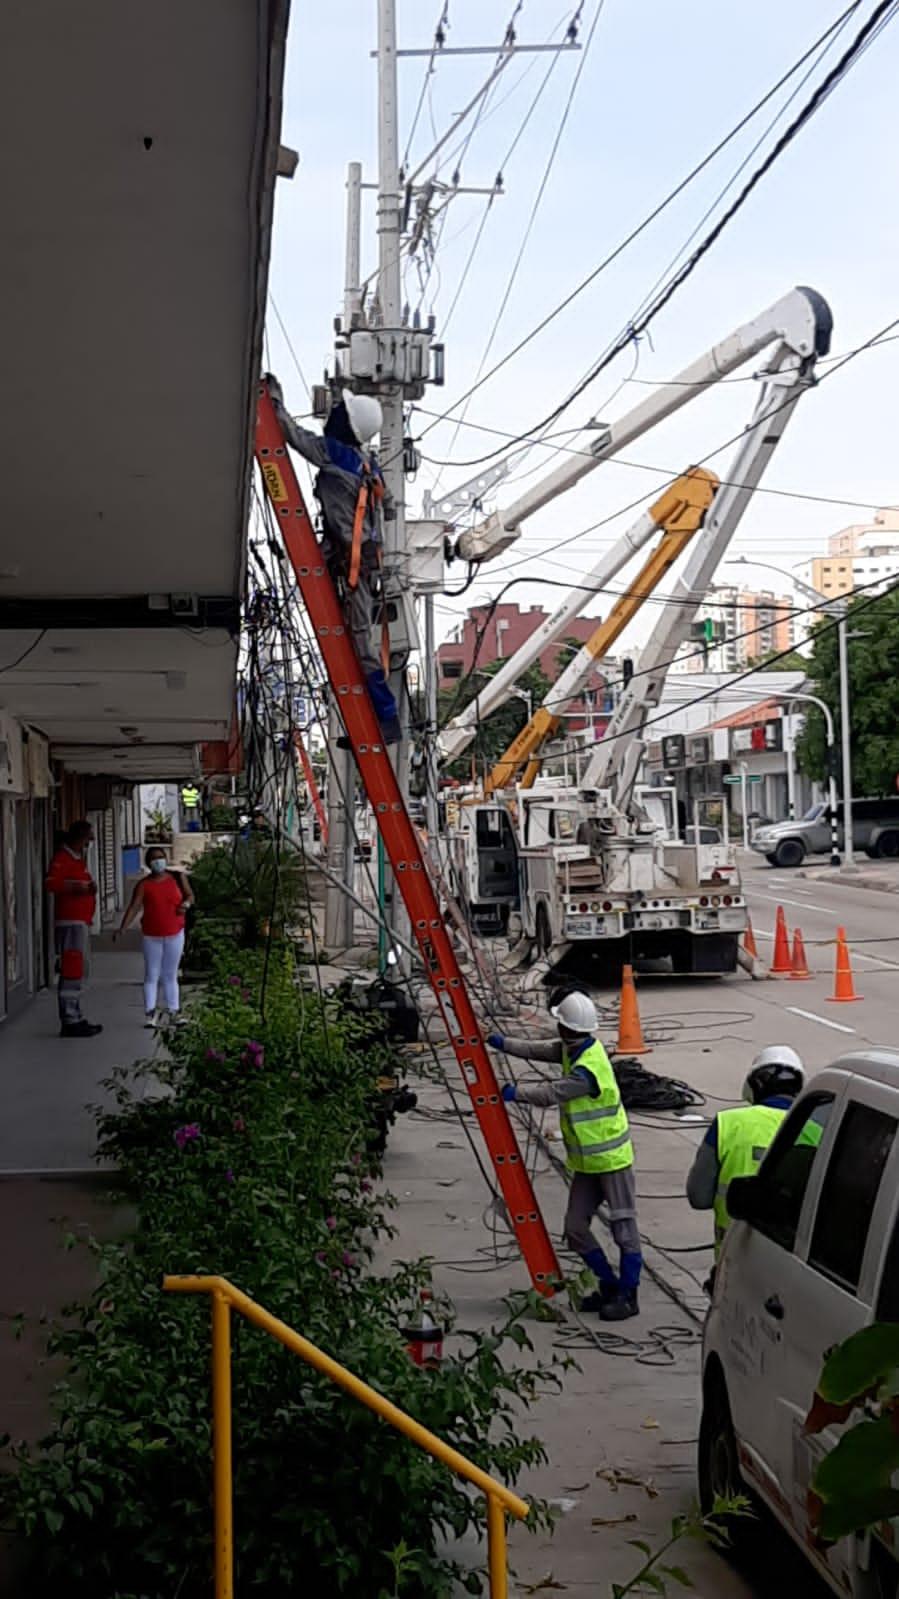 Labores de mantenimiento en sectores del norte y sur de Barranquilla este lunes – @aire_energia